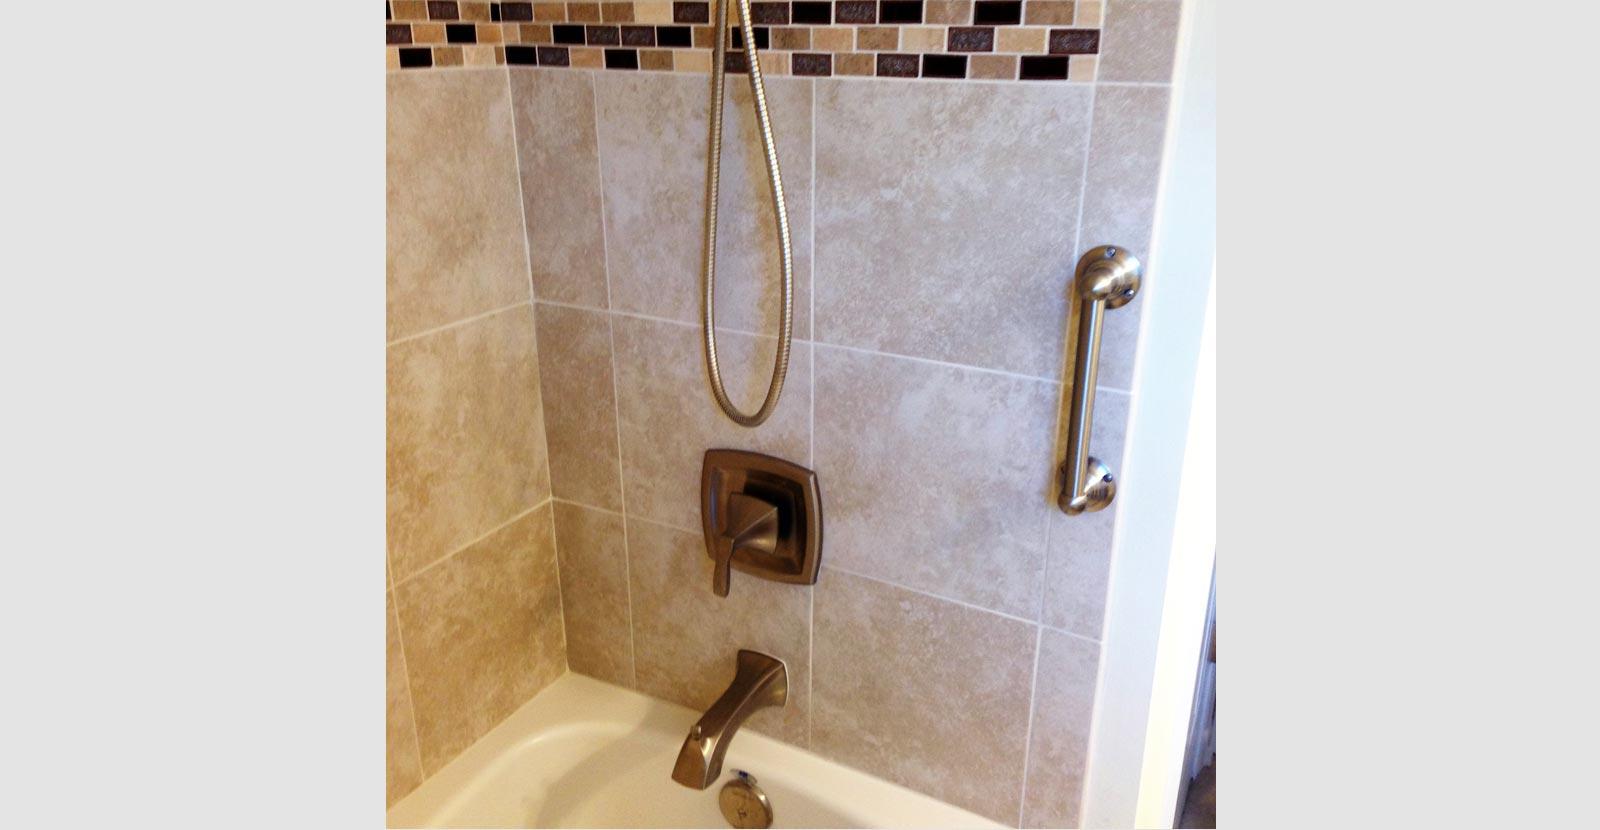 Cliftonbathroomremodel Hatchett Contractors - Hatchett bathroom remodel